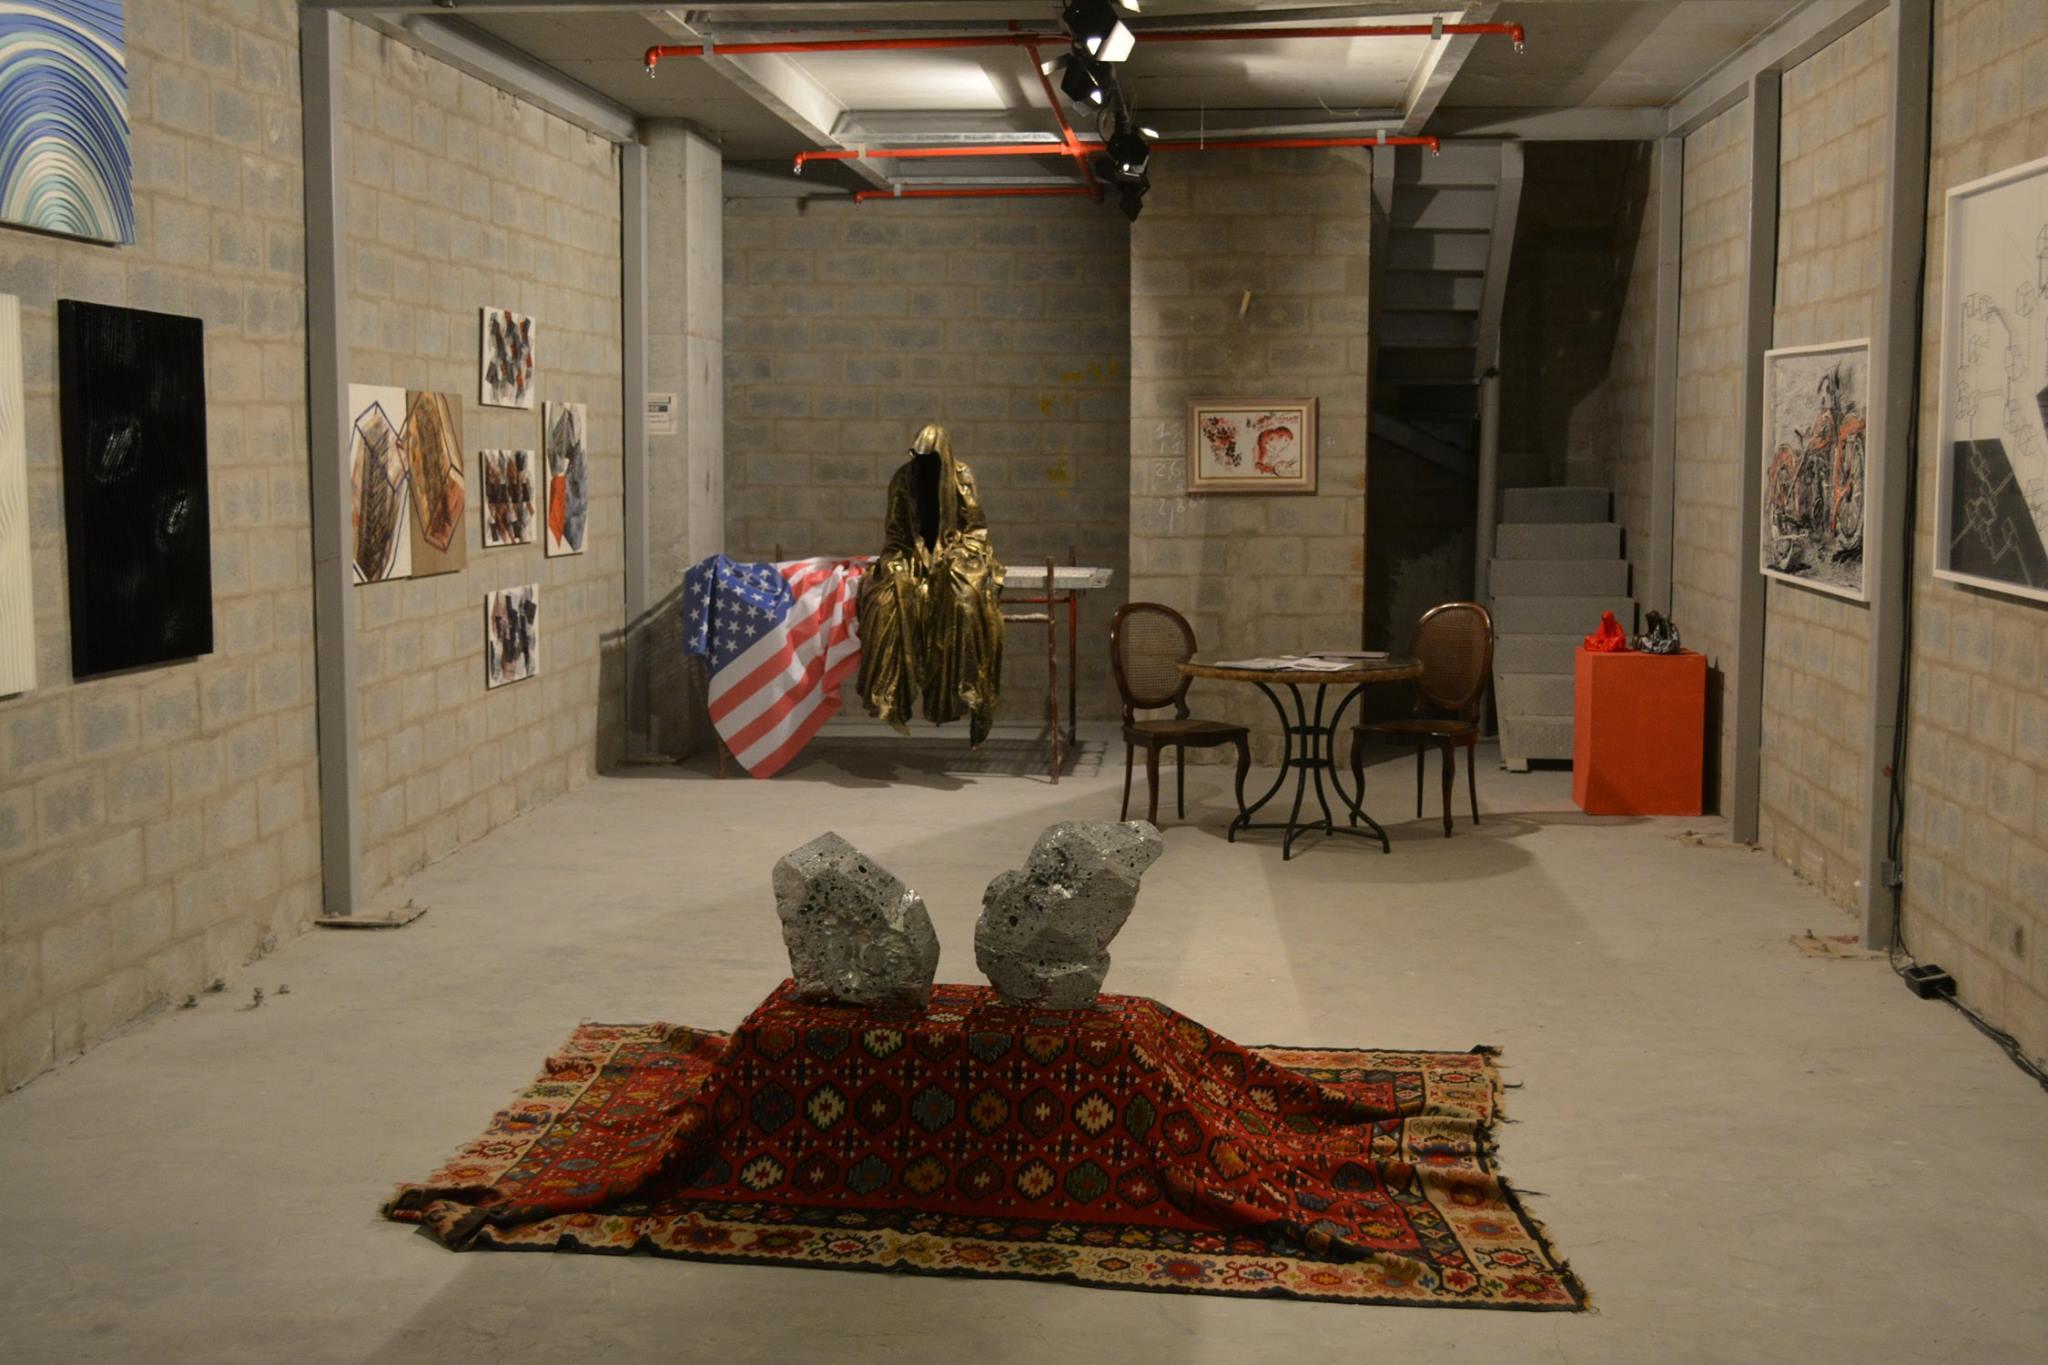 artigo-rio-de-janeiro-brazil-artfair-contemporary-arts-sculpture-fine-arte-statue-guardians-of-time-manfred-kili-kielnhofer-ghost-faceless-usa